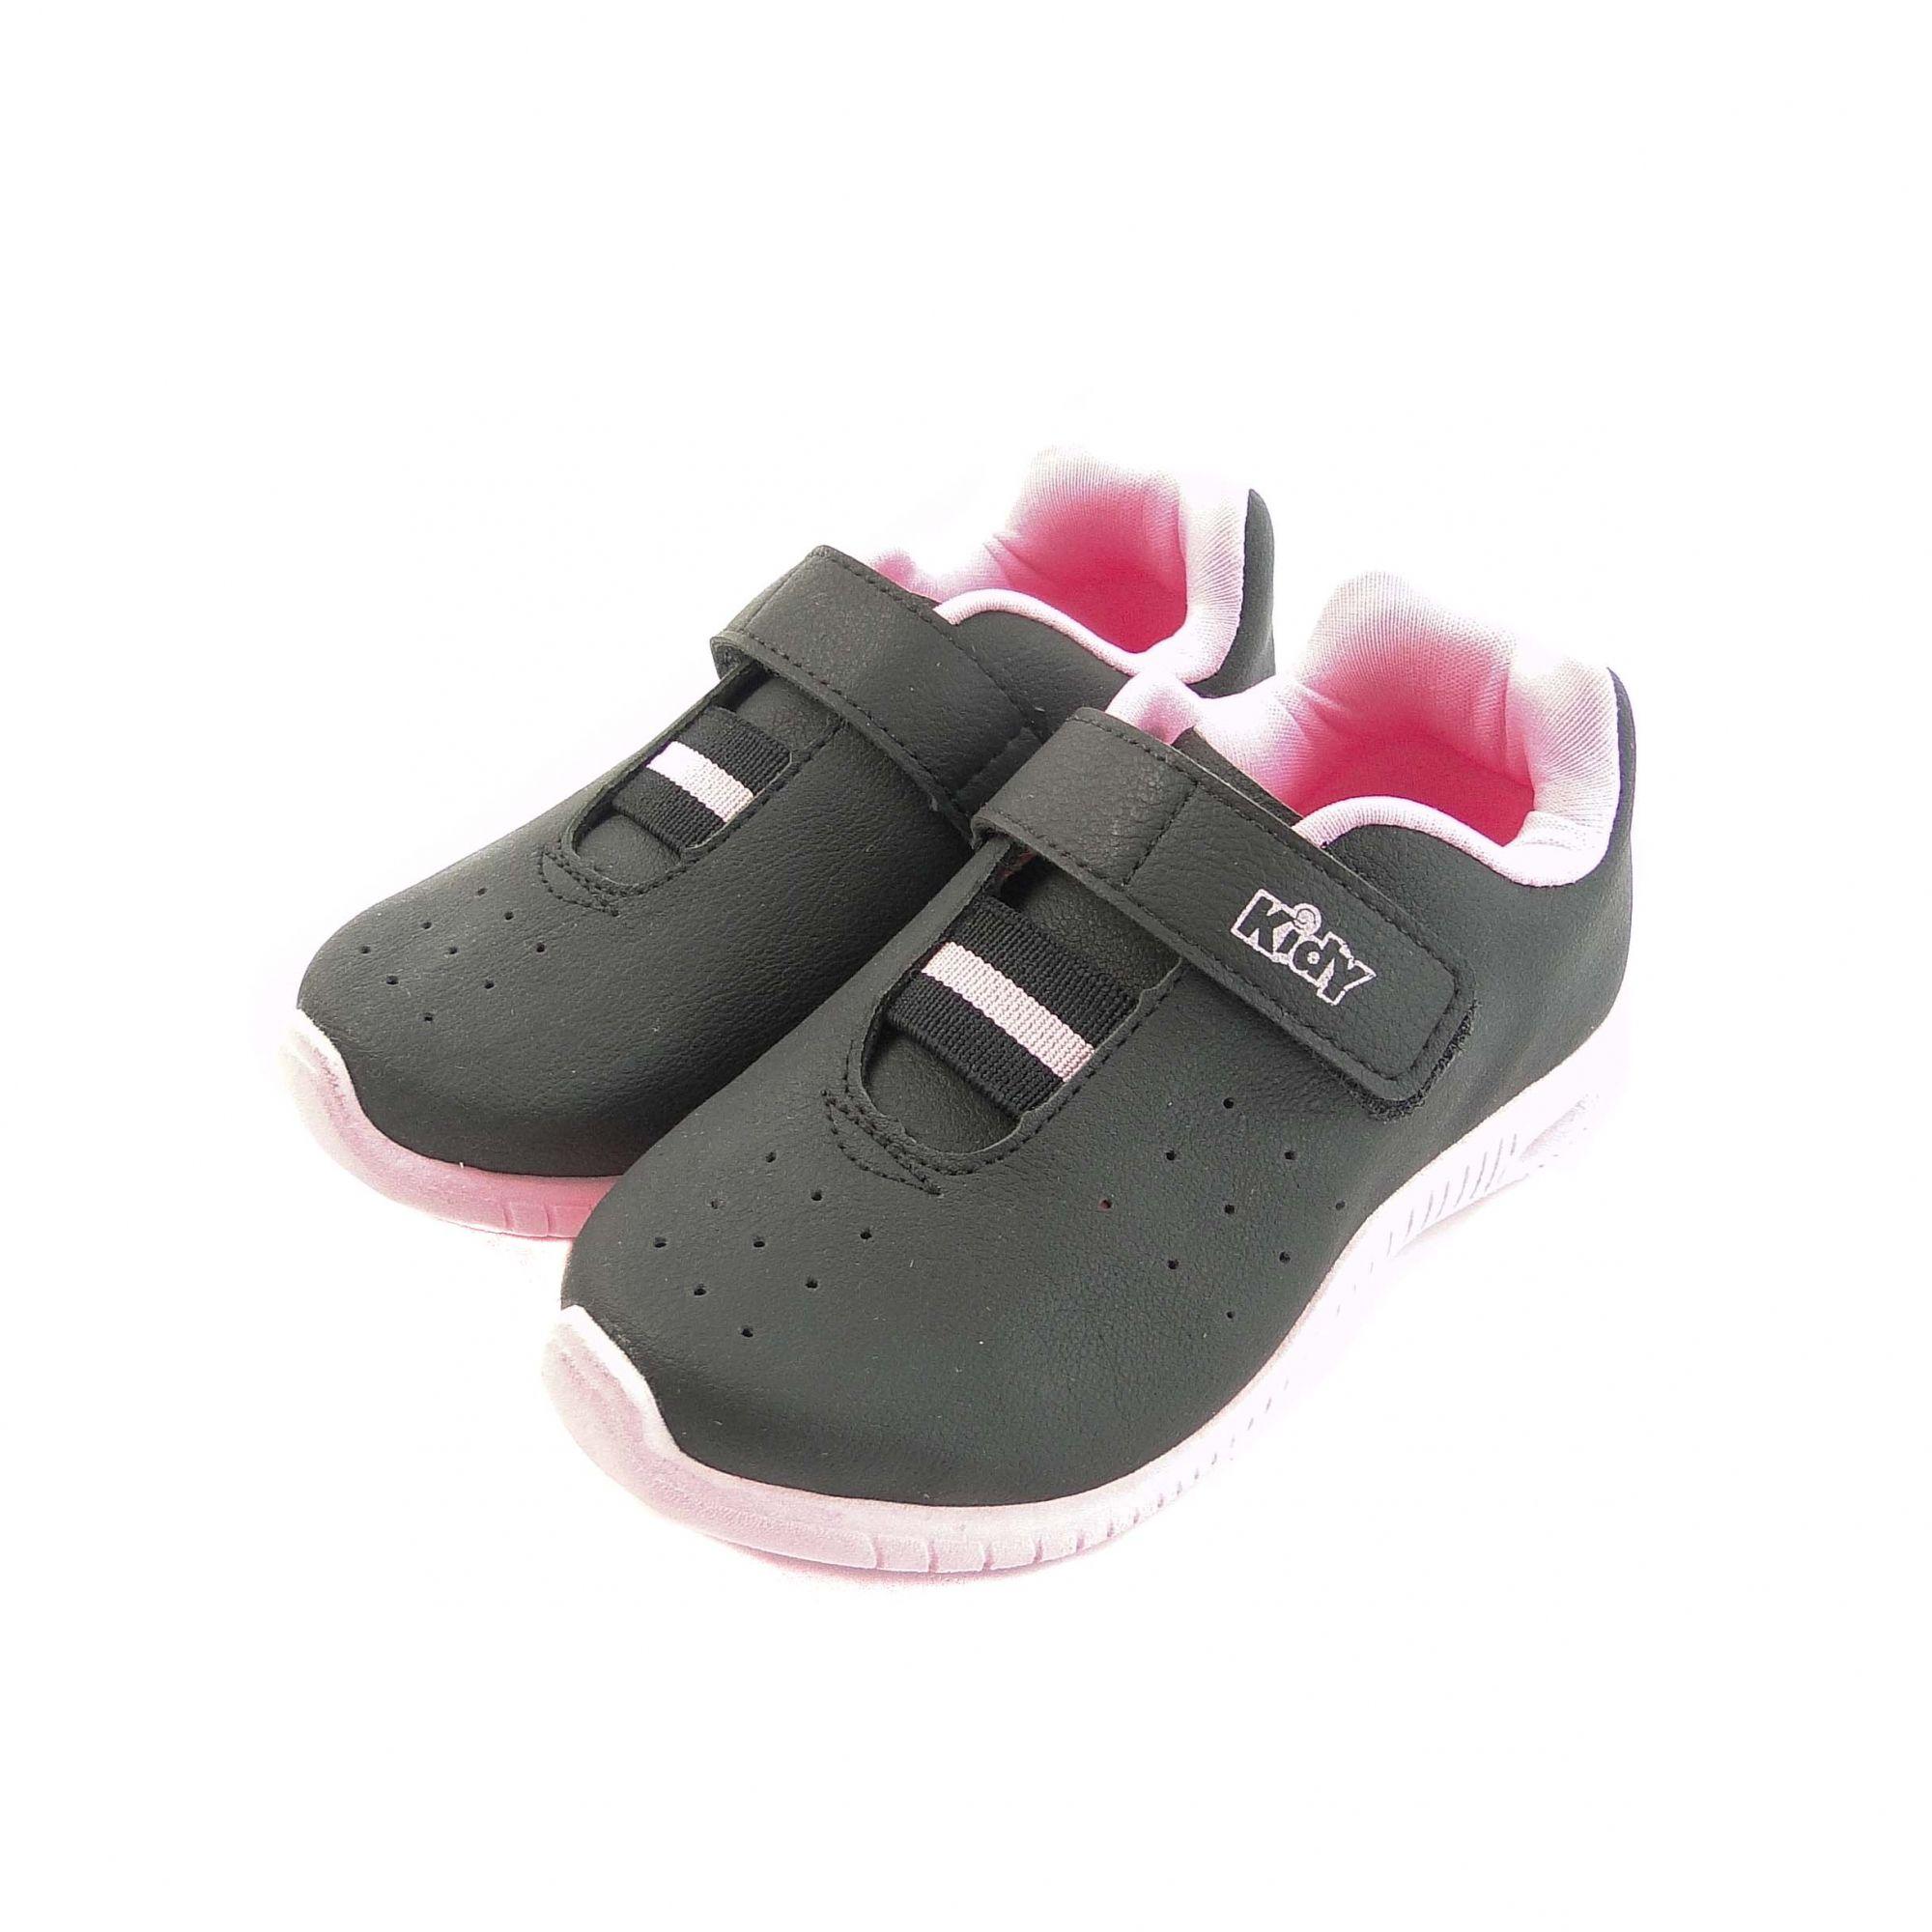 TENIS KIDY INFANTIL HOOX - 0341037